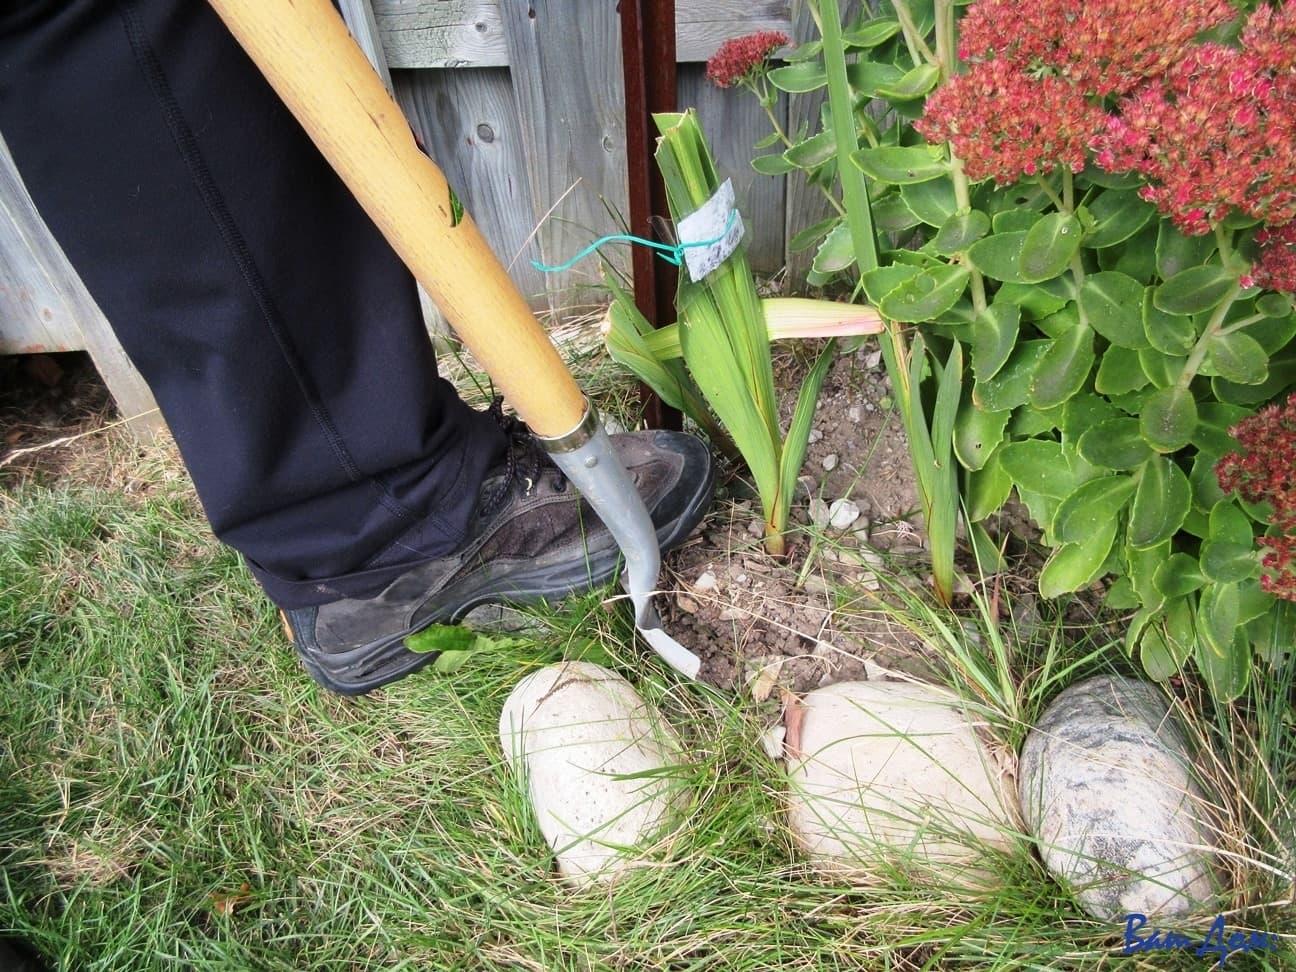 kak-hranit-gladiolusy-kogda-vykapyvat-klubnelukovitsy-gladiolusa-2